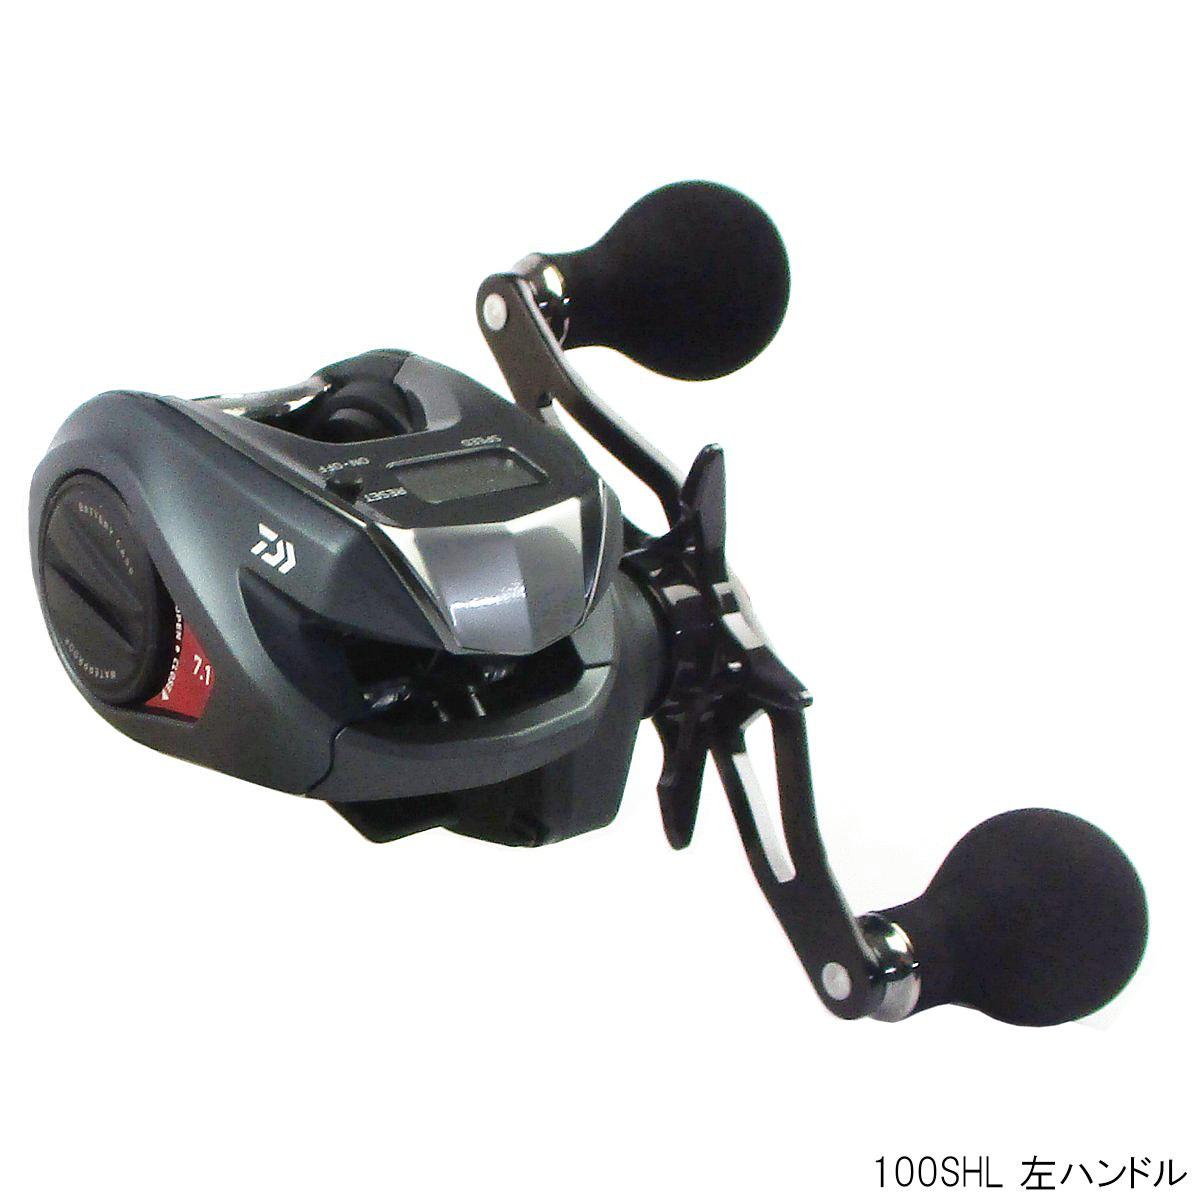 【5/10最大P45倍!】ダイワ キャタリナ IC 100SHL 左ハンドル(東日本店)